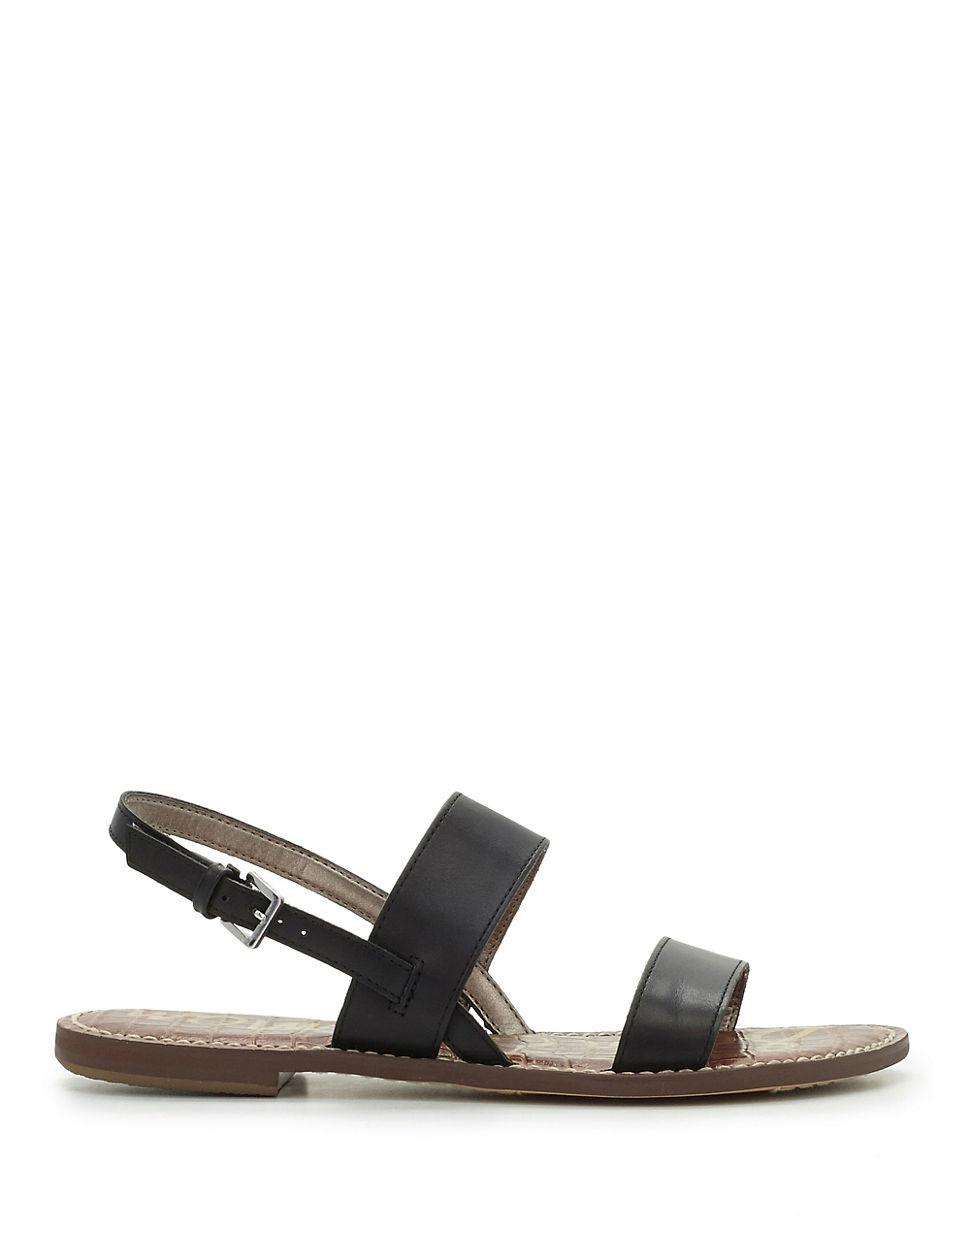 c52a301ea3dd Lyst - Sam Edelman Georgiana Flat Leather Sandals in Black